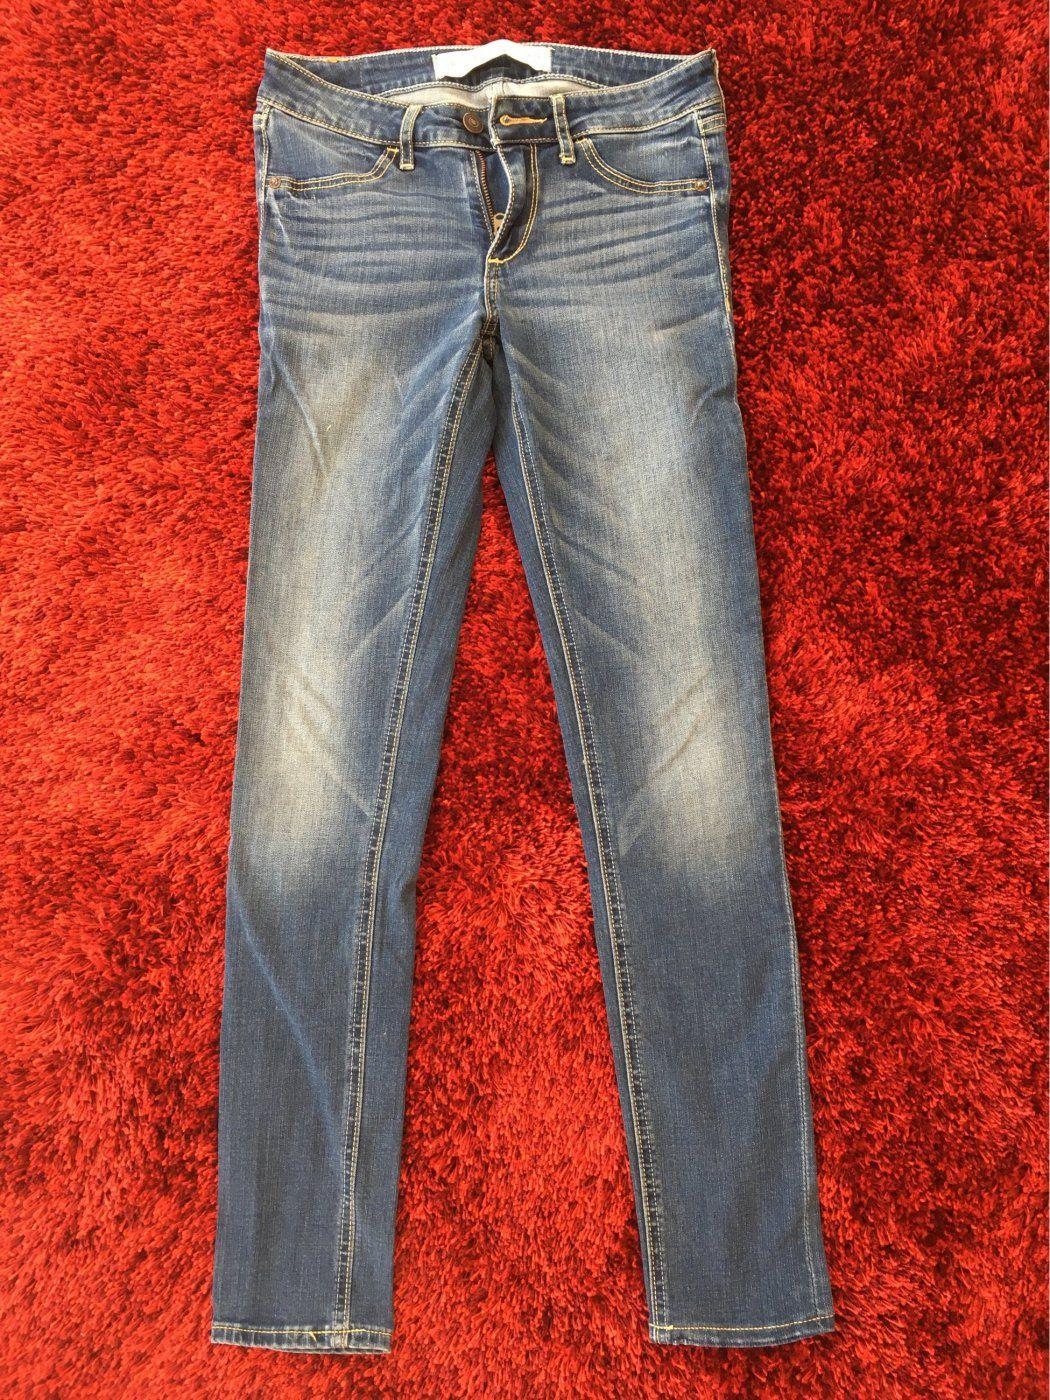 Jeans von Abercrombie& Fitch | Mädchenflohmarkt